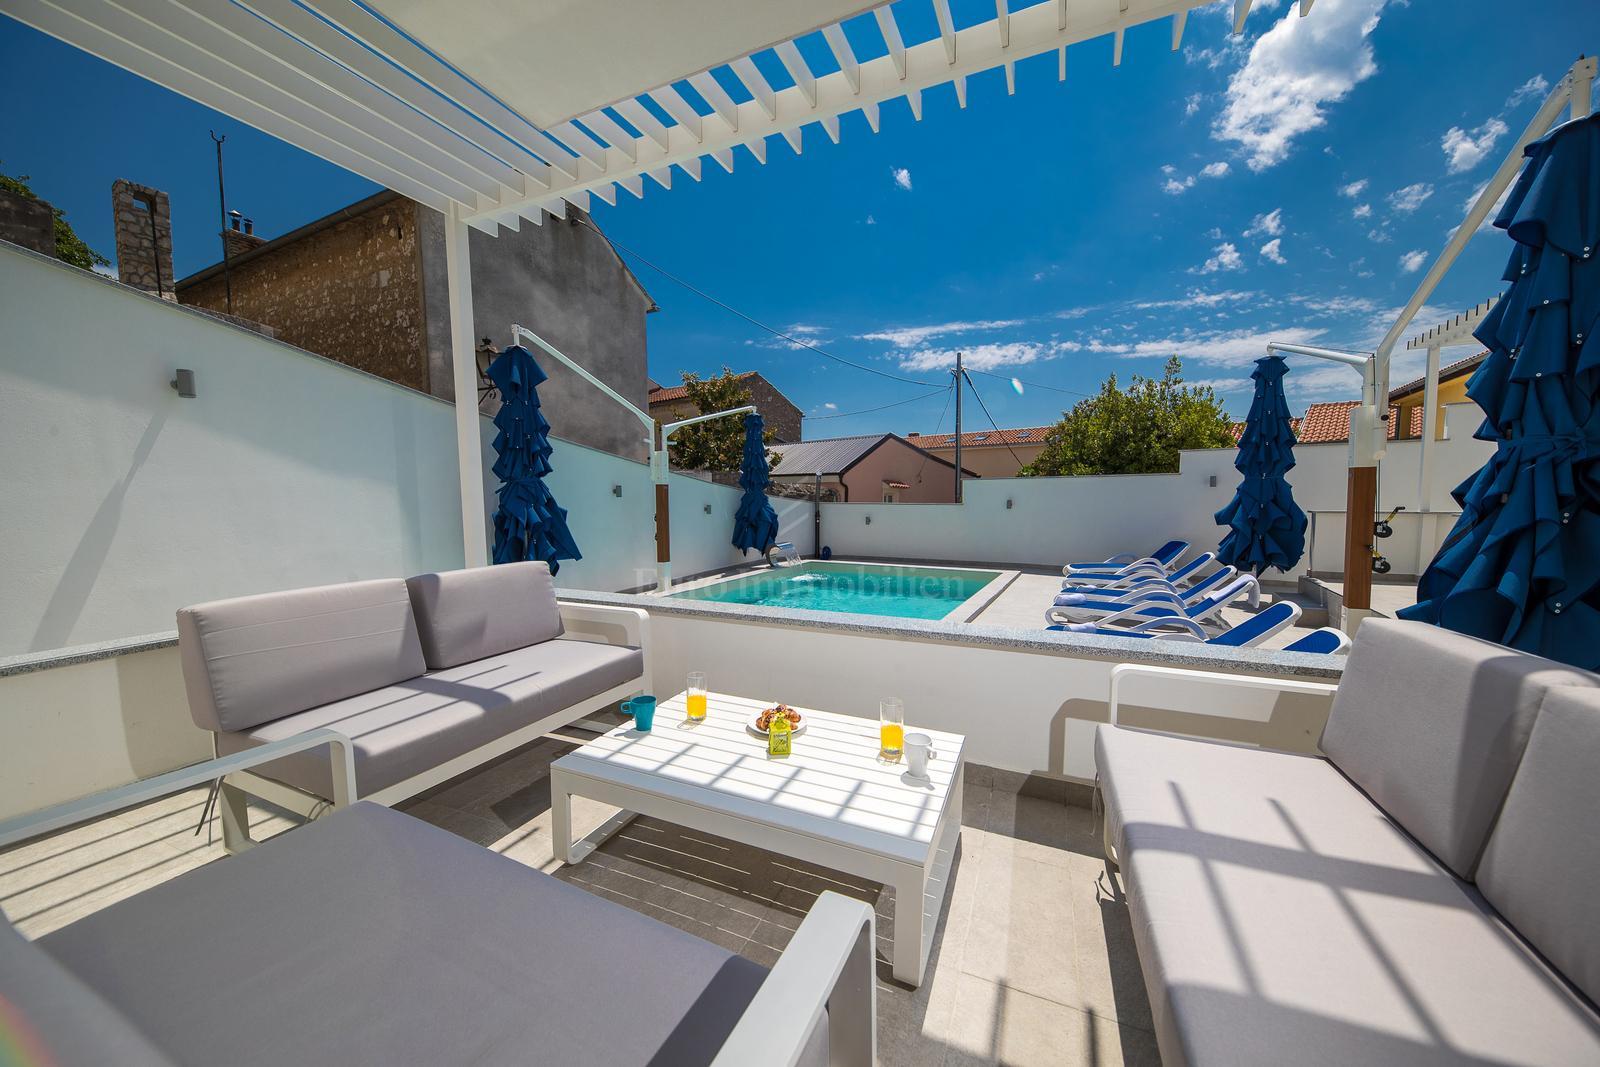 Novoizgrađeni hotel na odličnoj lokaciji, blizina plaže